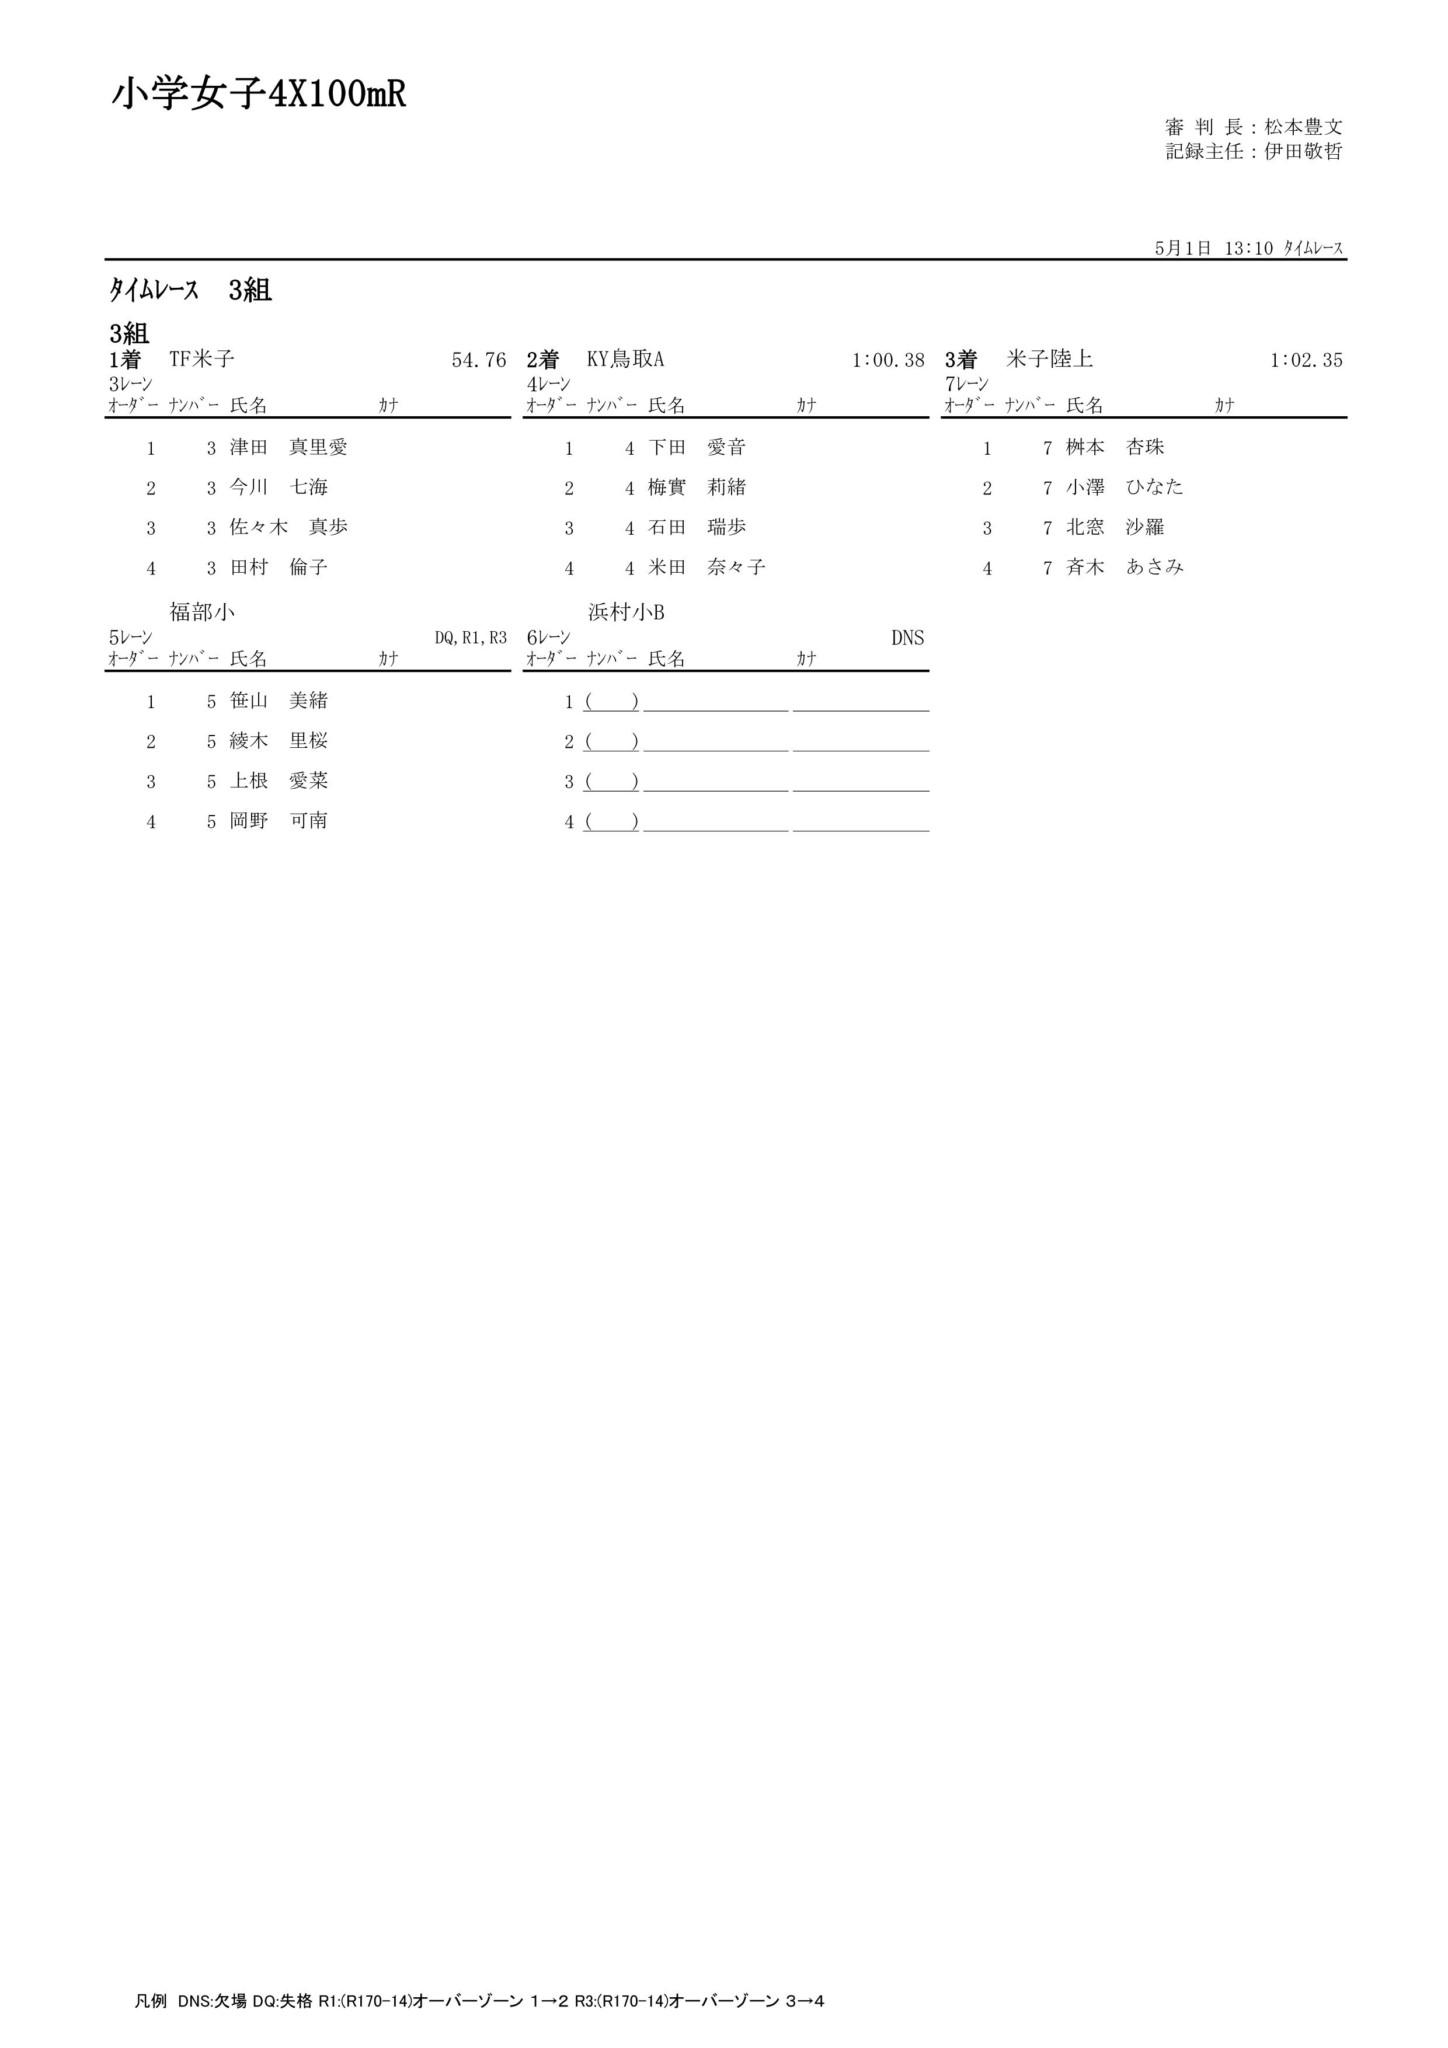 53小学女子4X100mR_01